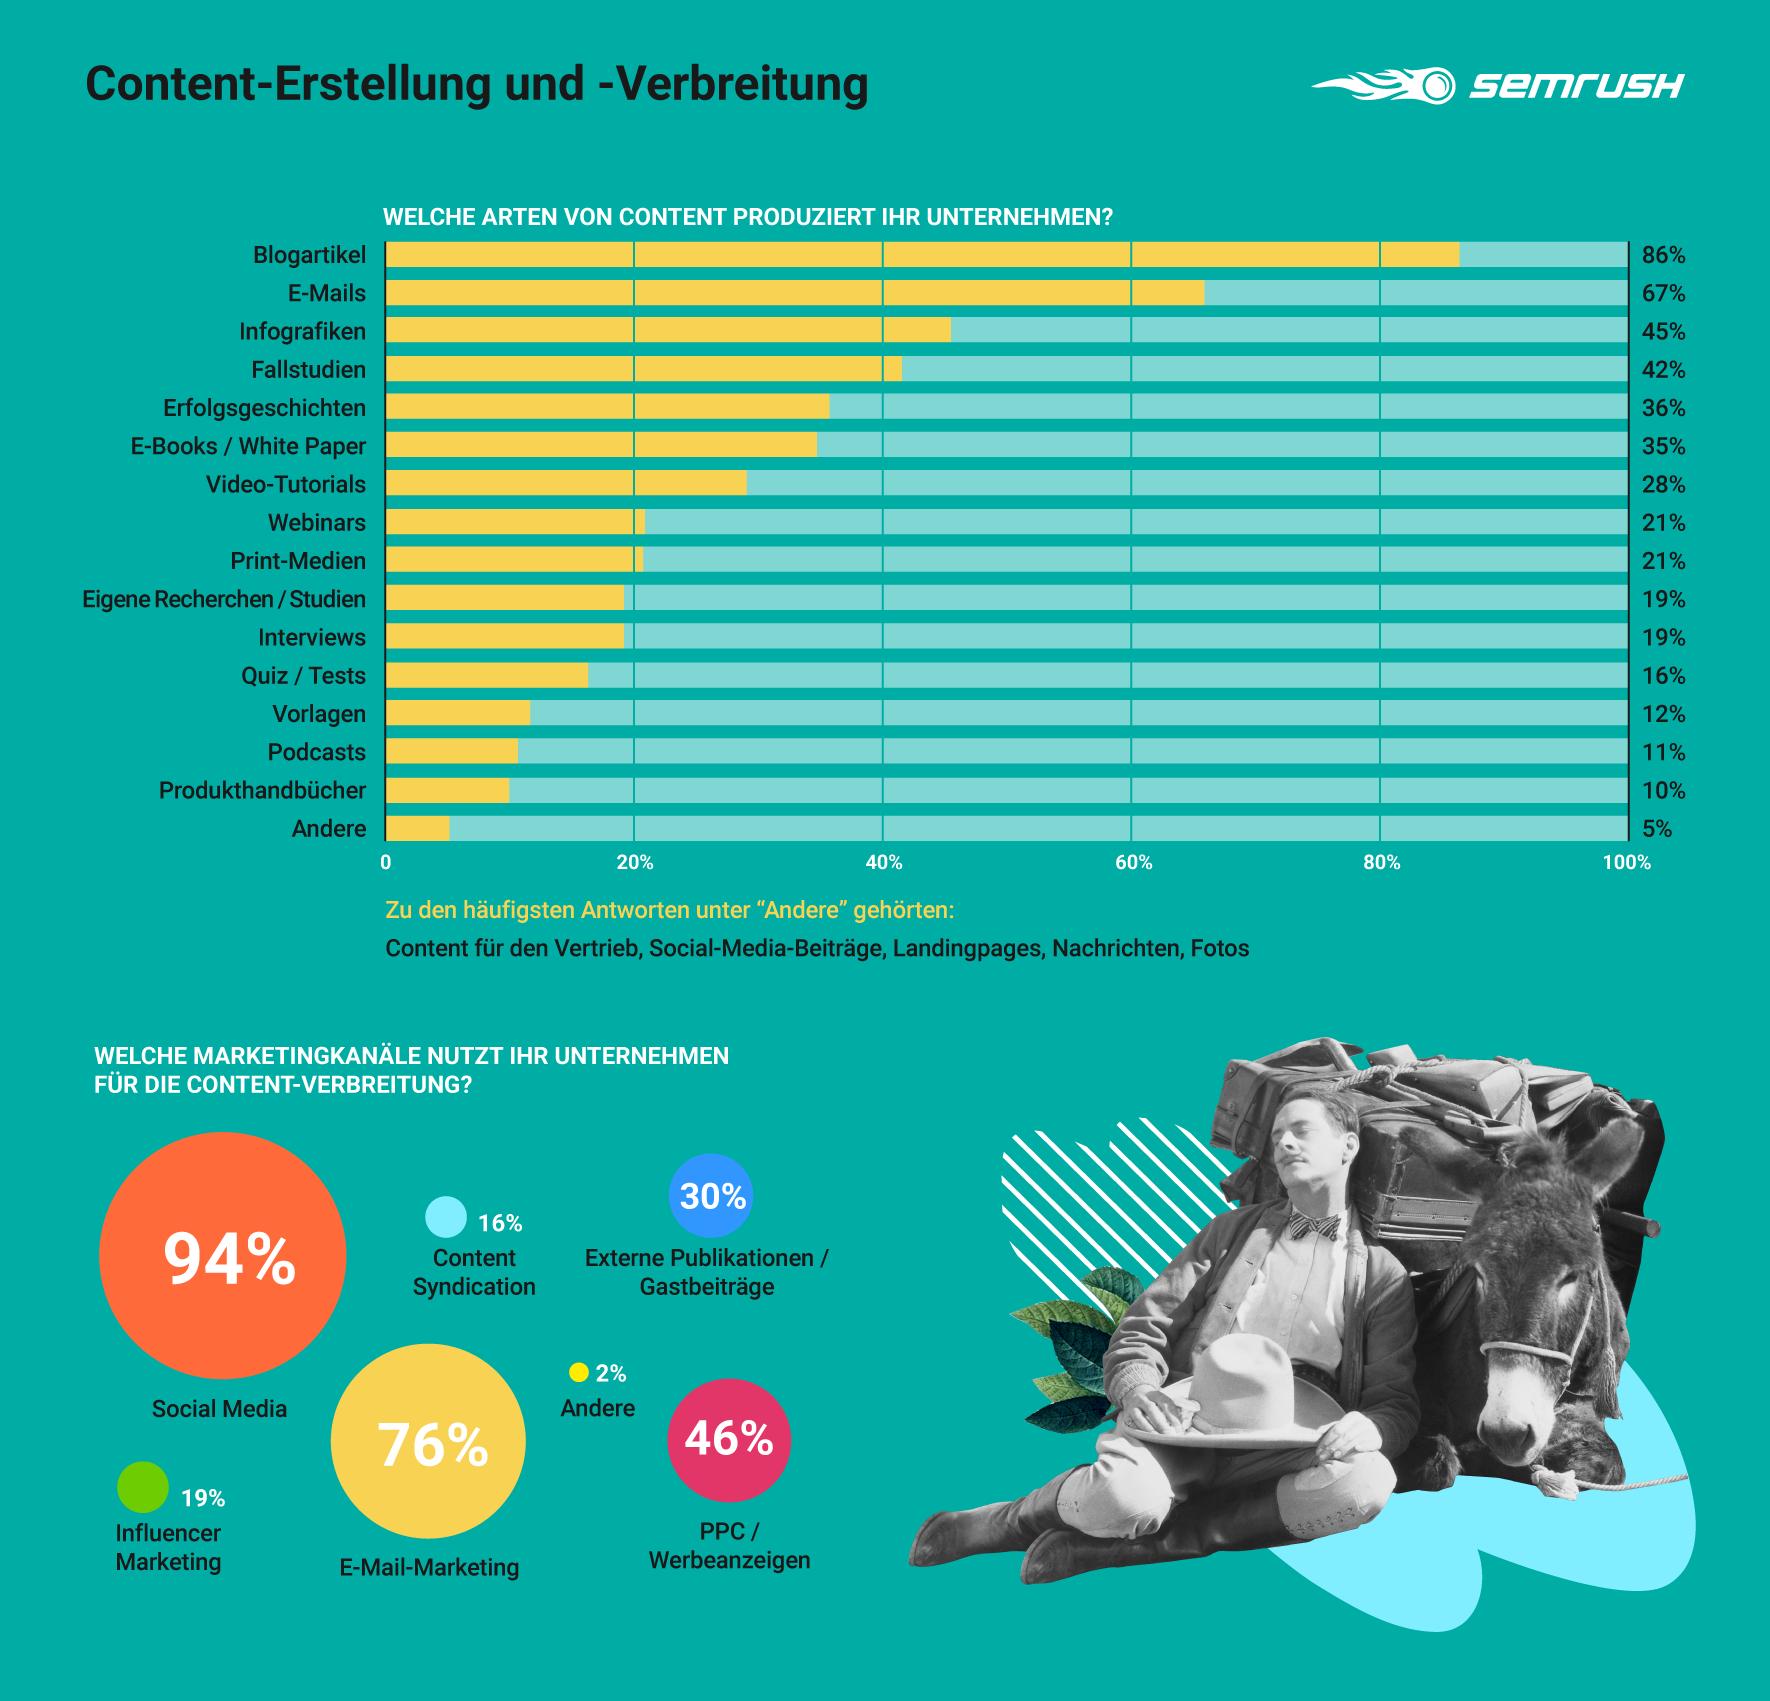 Content-Erstellung und -Verbreitung